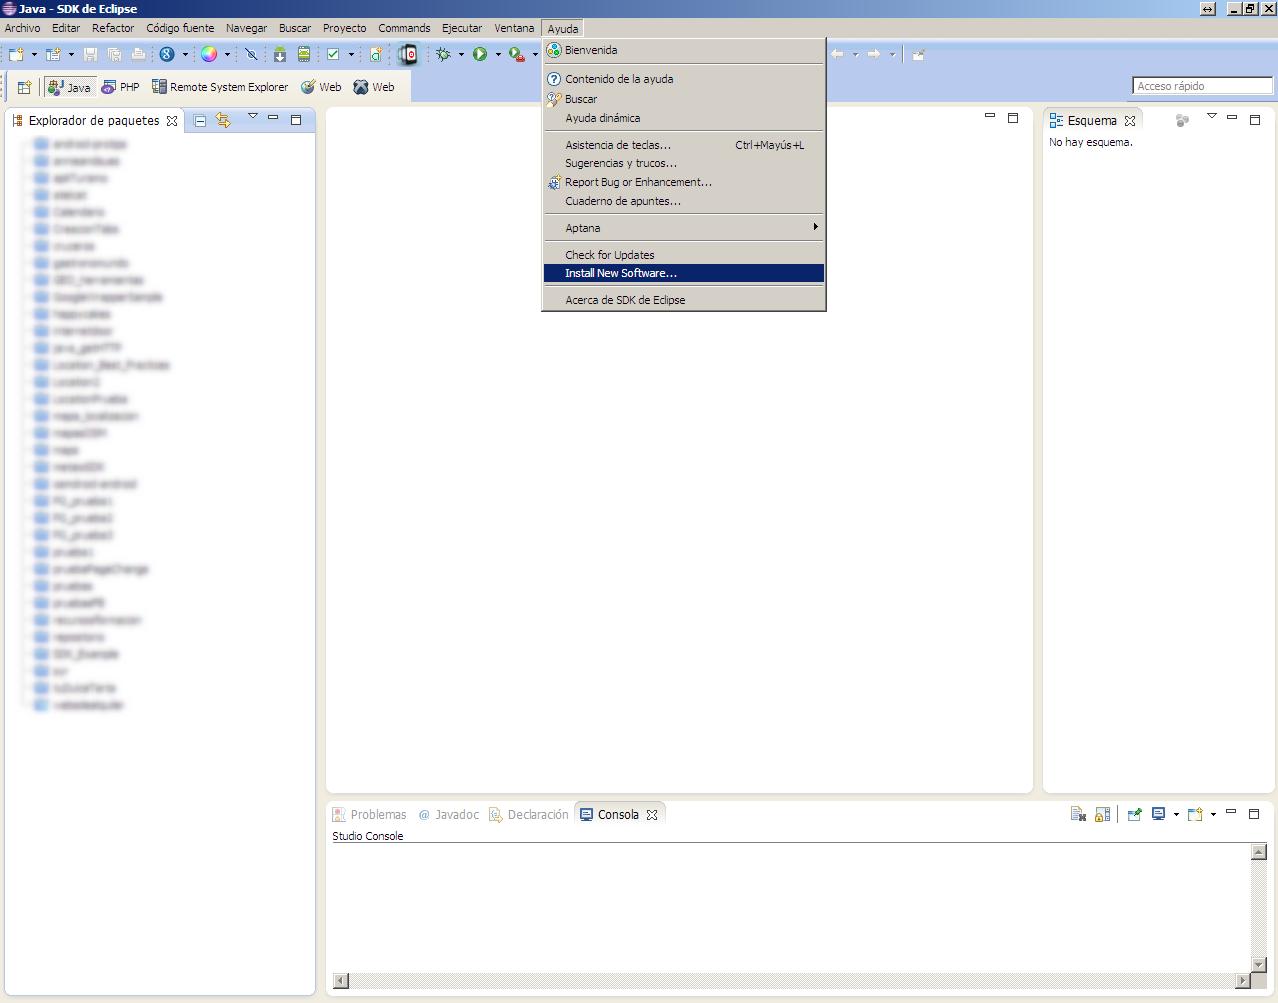 Eclipse-Añadir software